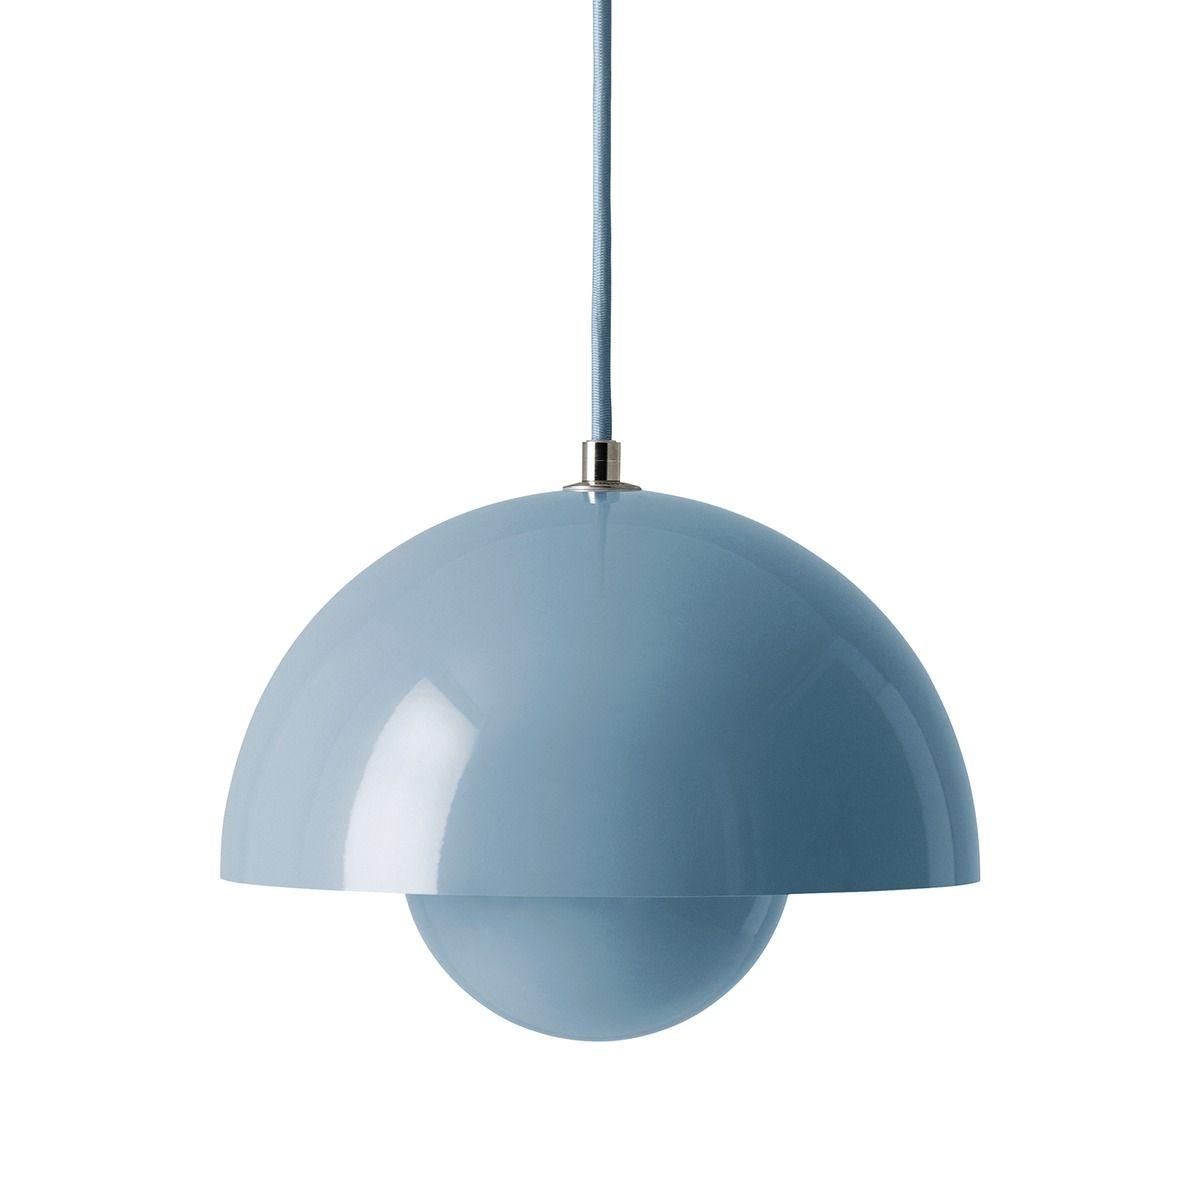 Tradition Flowerpot Vp1 Pendant Light Blue In 2020 Flowerpot Vp1 Pendant Flowerpot Vp1 Light